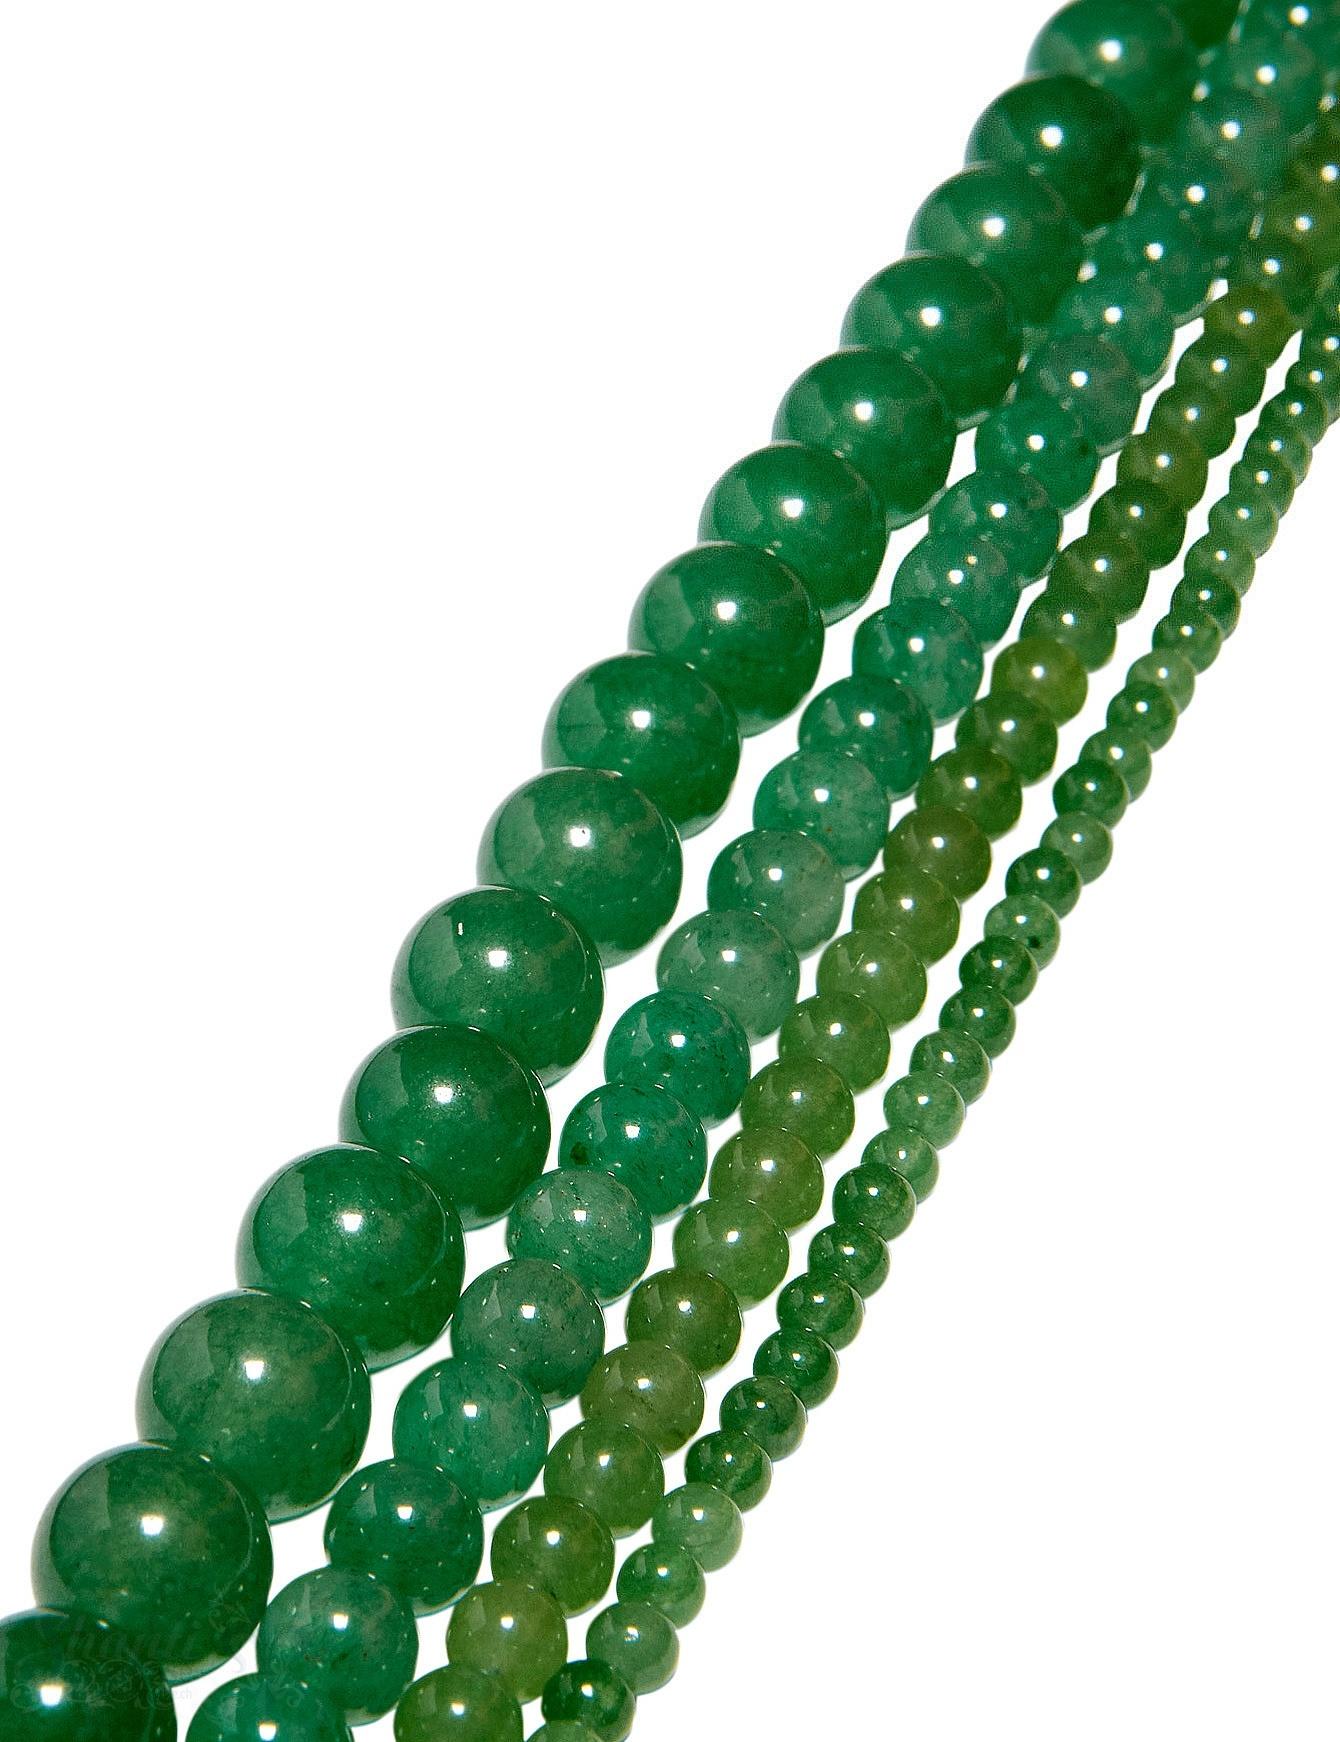 Aventurin Strang intensives grün poliert Kugeln